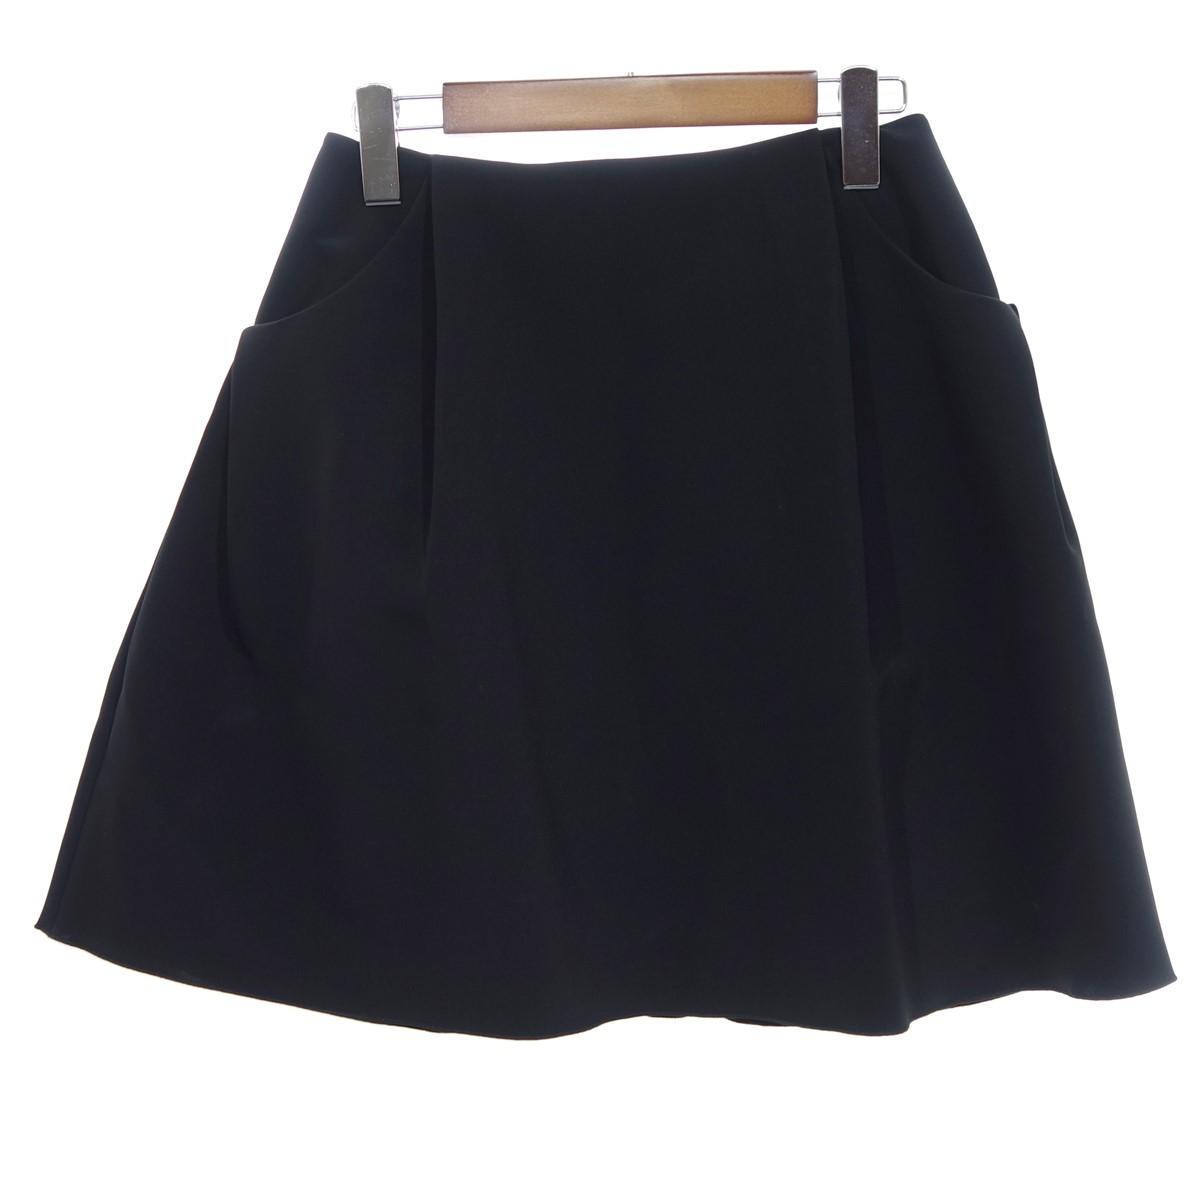 【中古】FOXEY NEW YORK 32461 イリプスフレア スカート ブラック サイズ:38 【250420】(フォクシーニューヨーク)